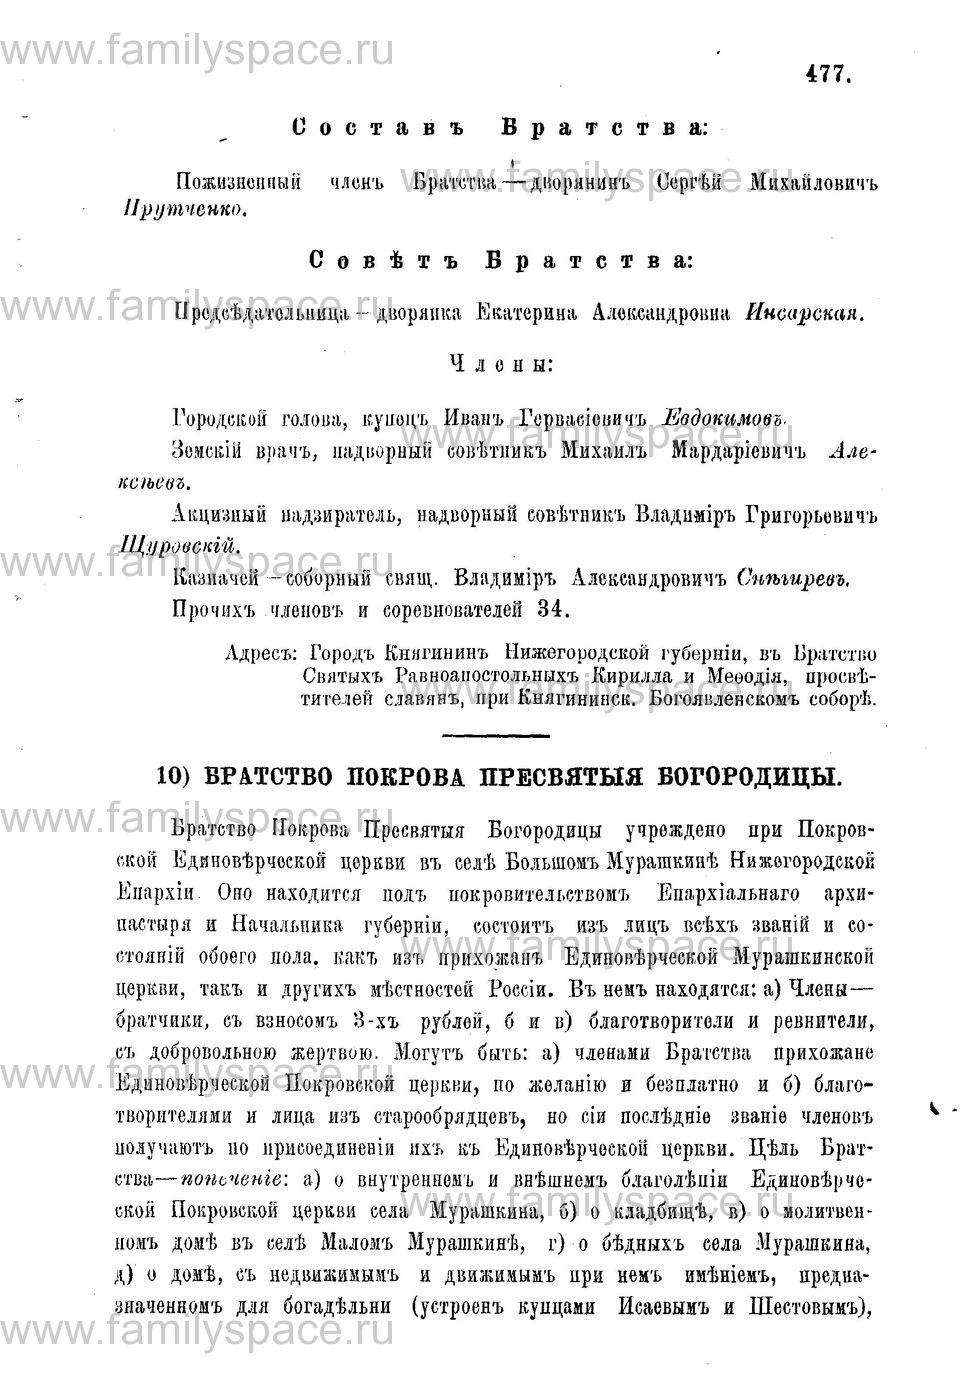 Поиск по фамилии - Адрес-календарь Нижегородской епархии на 1888 год, страница 1477